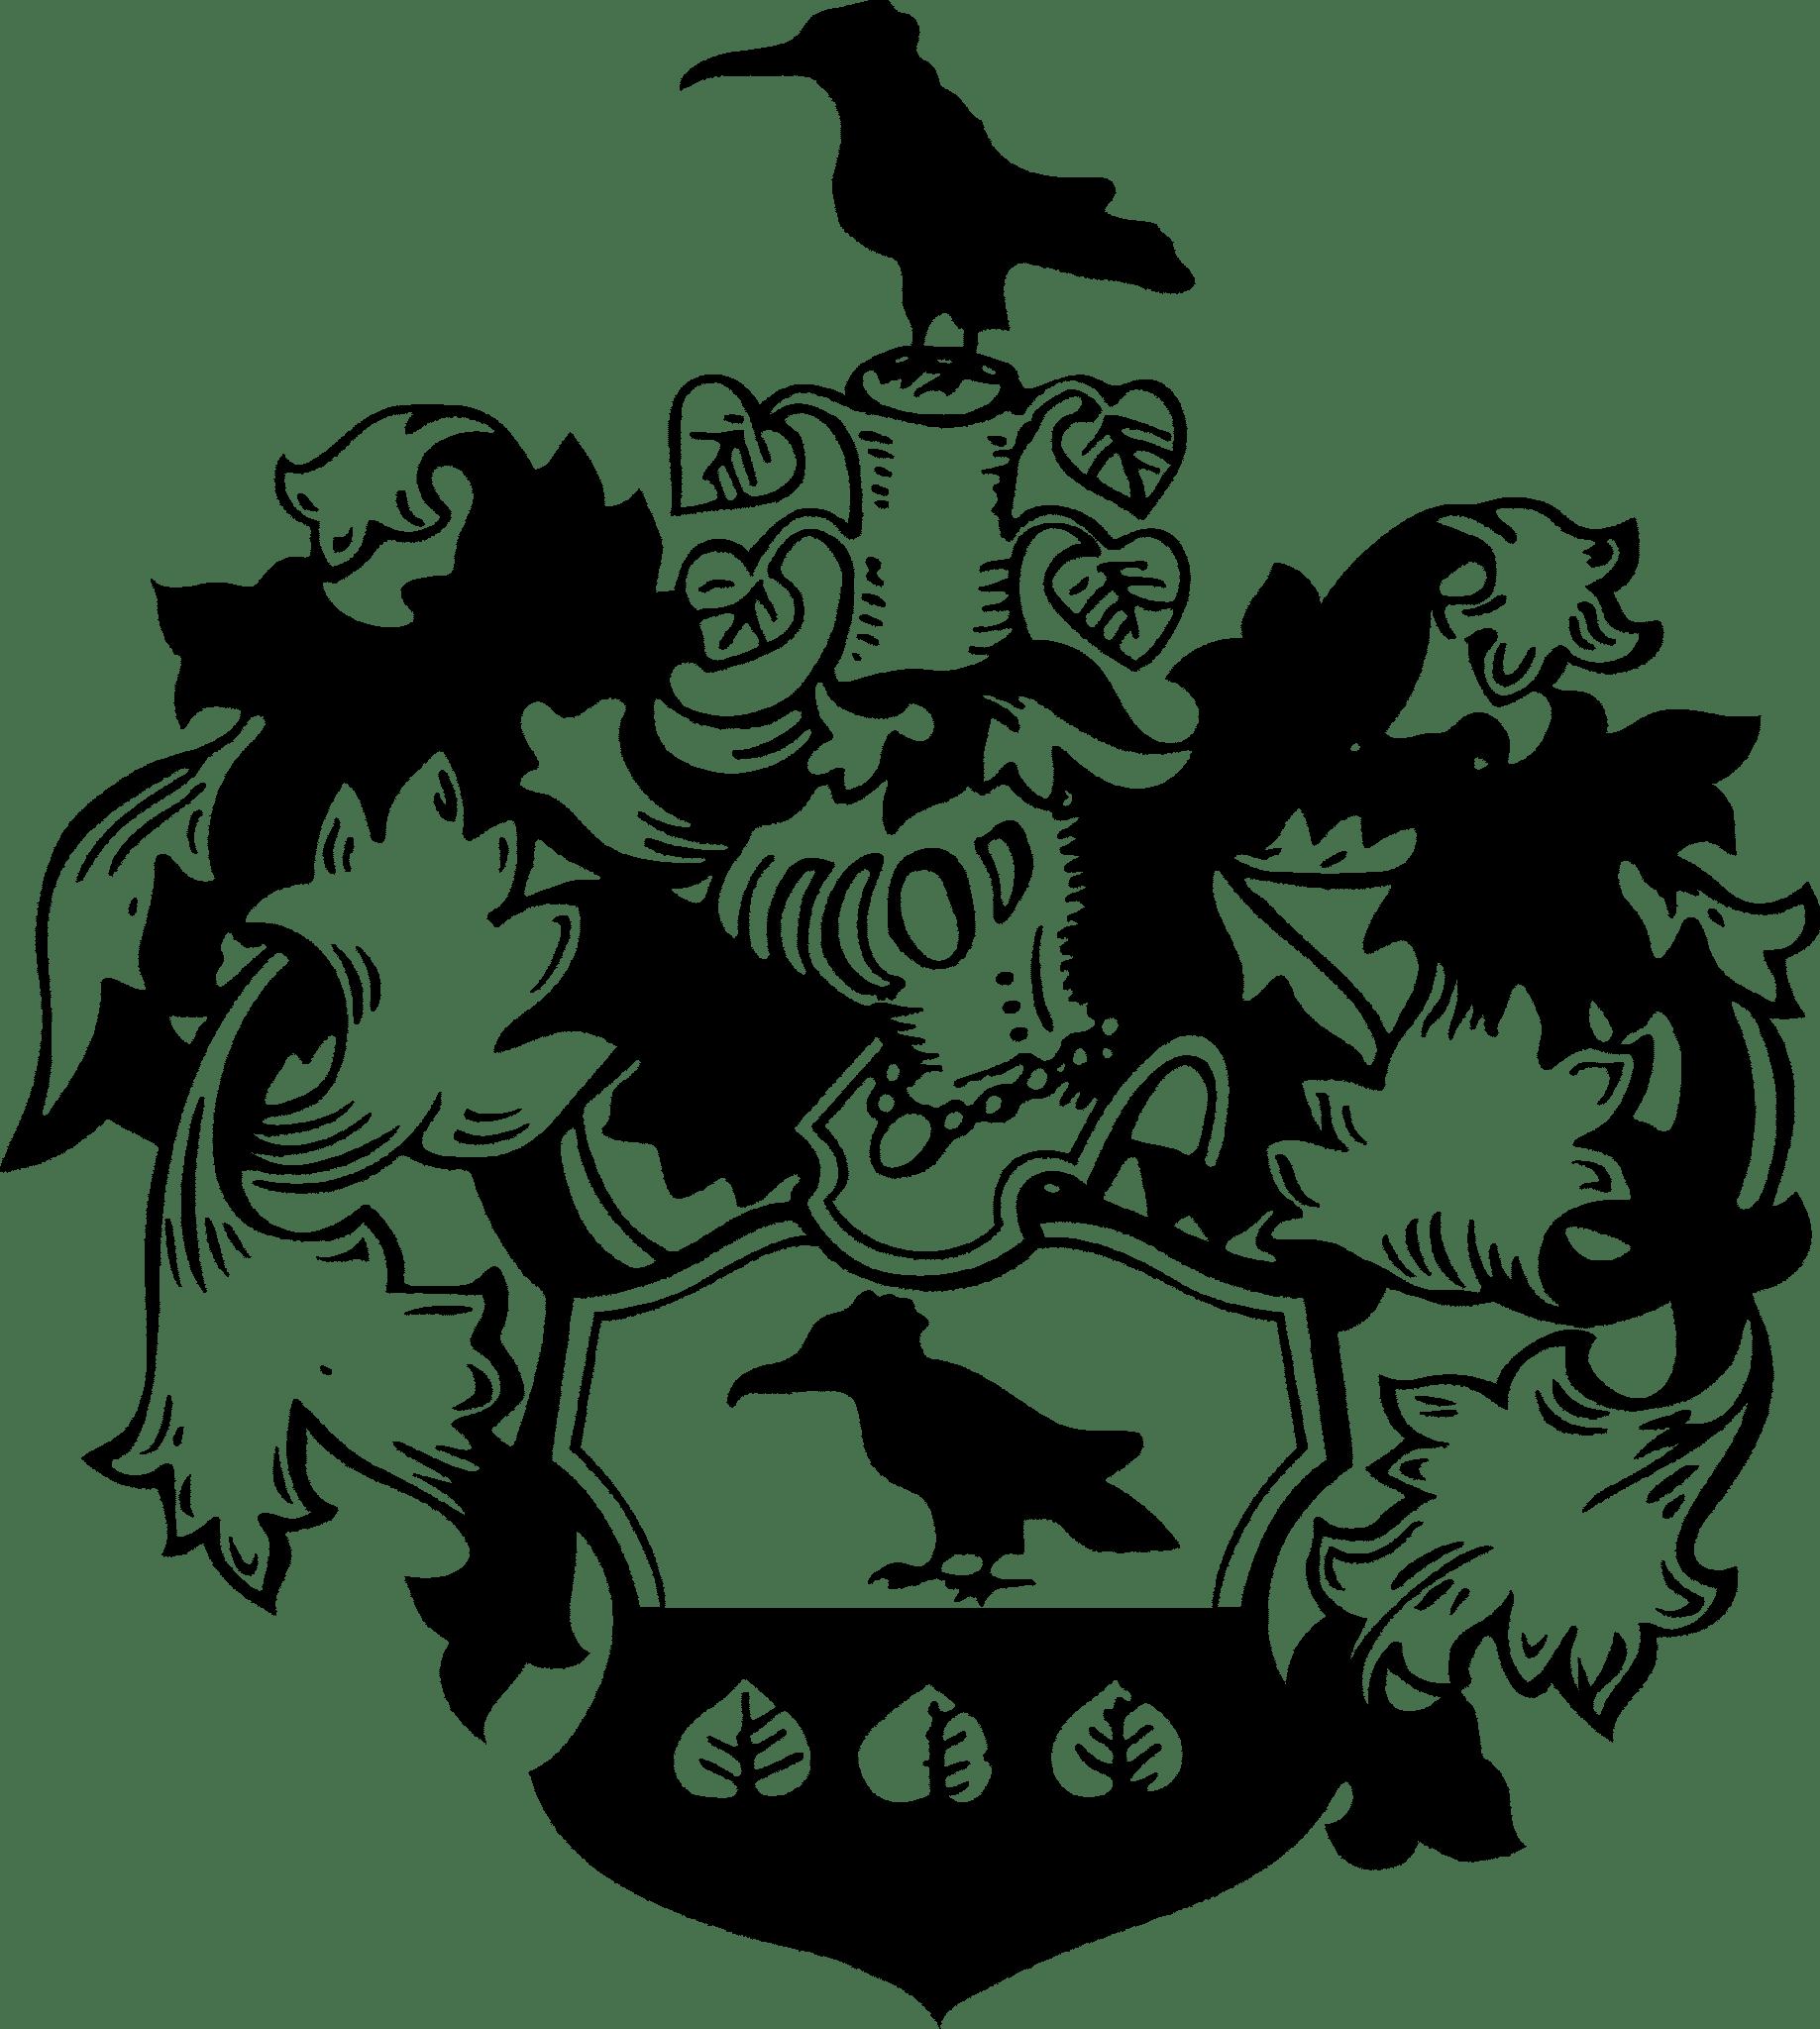 Das Wappen von Weingut Ludwig Graßmück